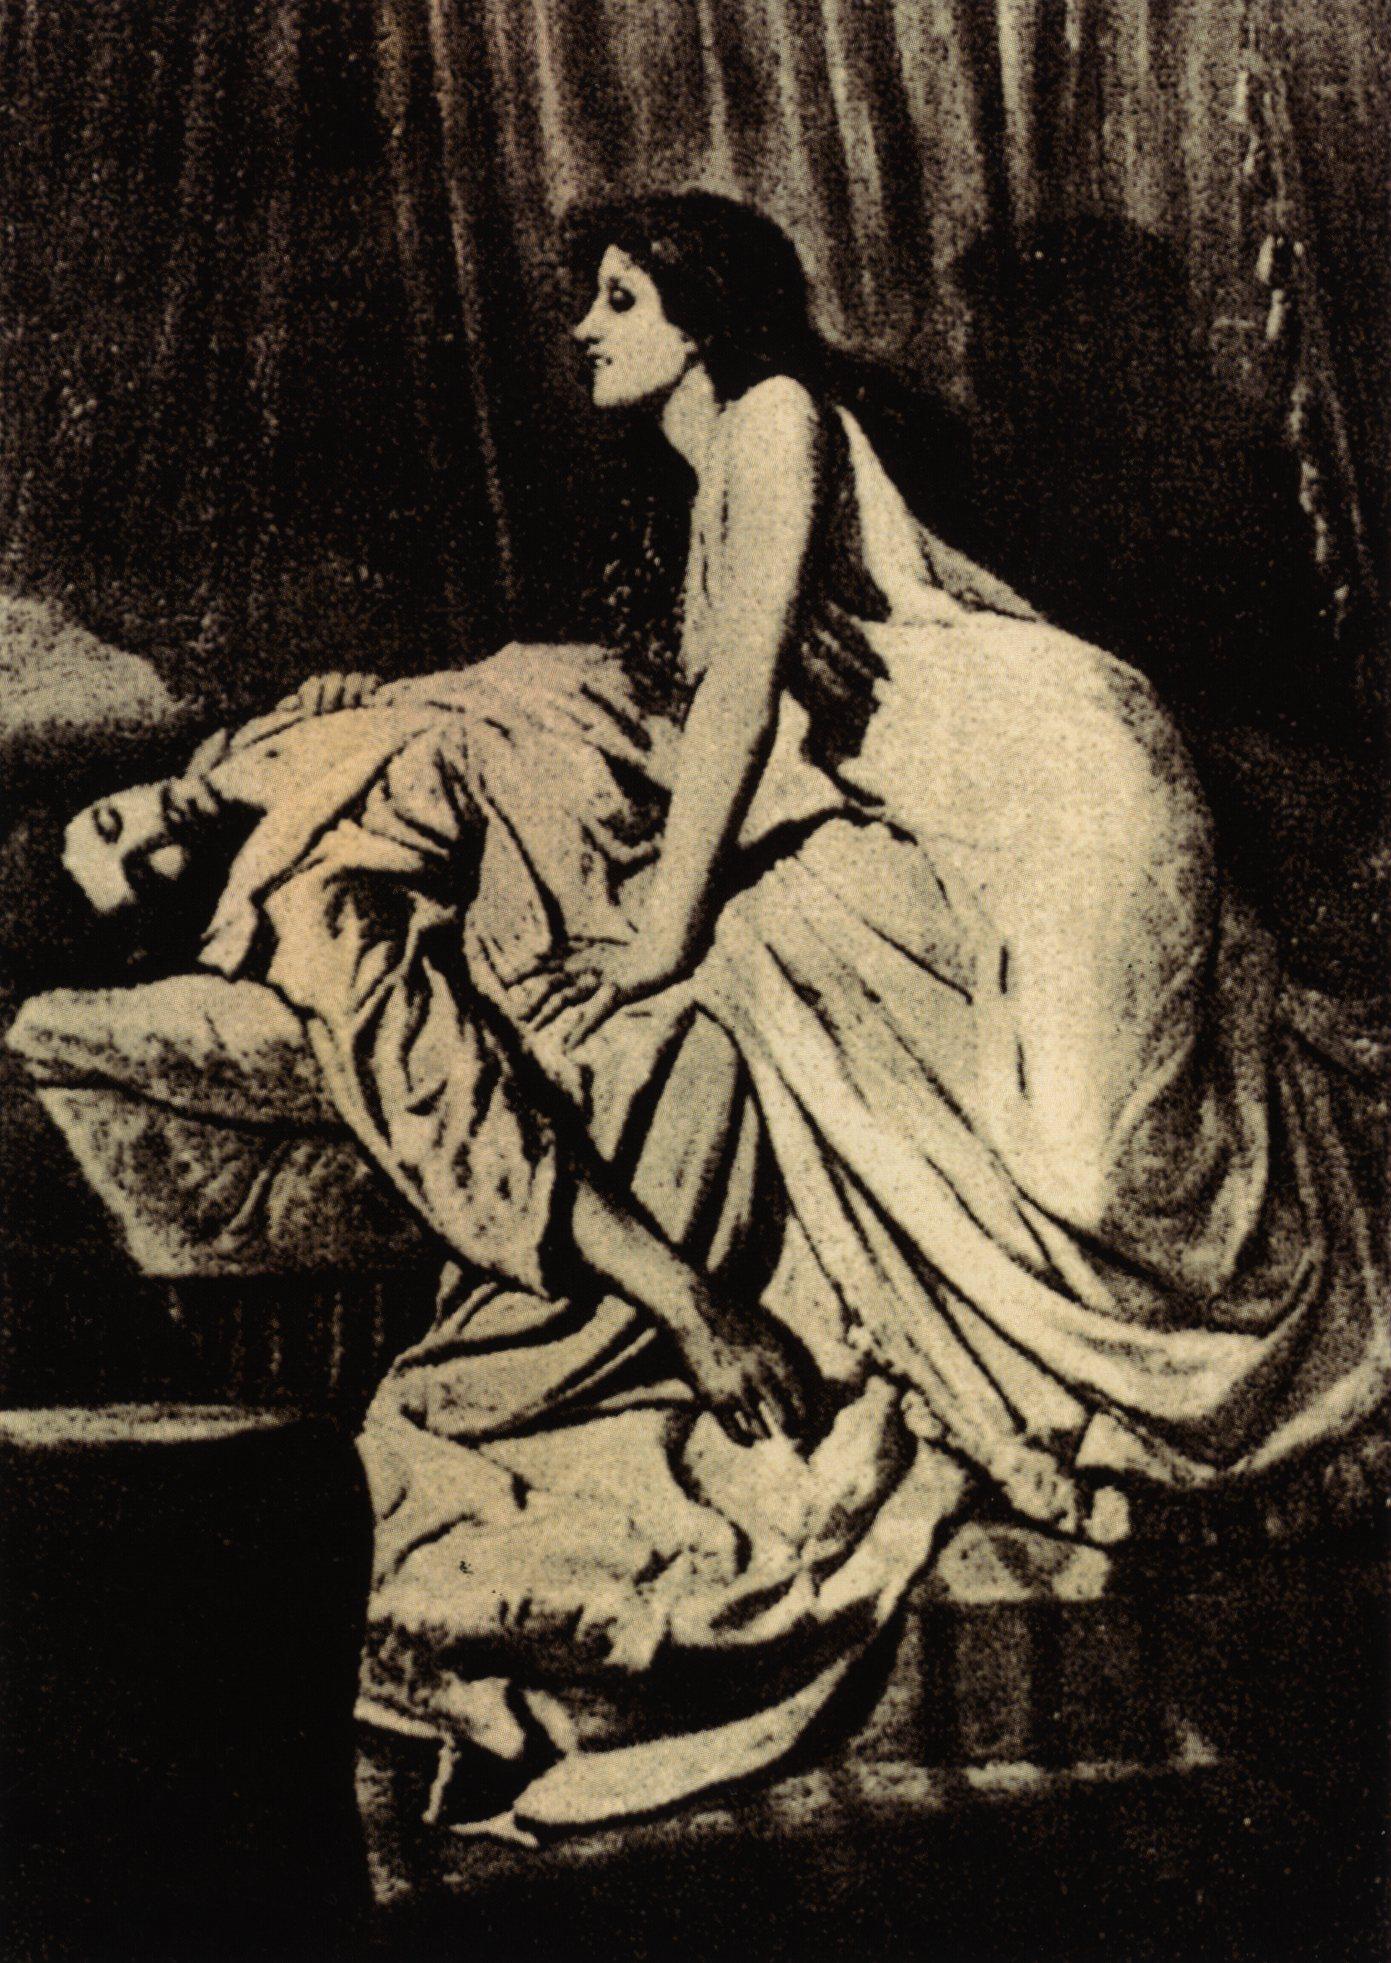 Historia de los vampiros (parte 1)